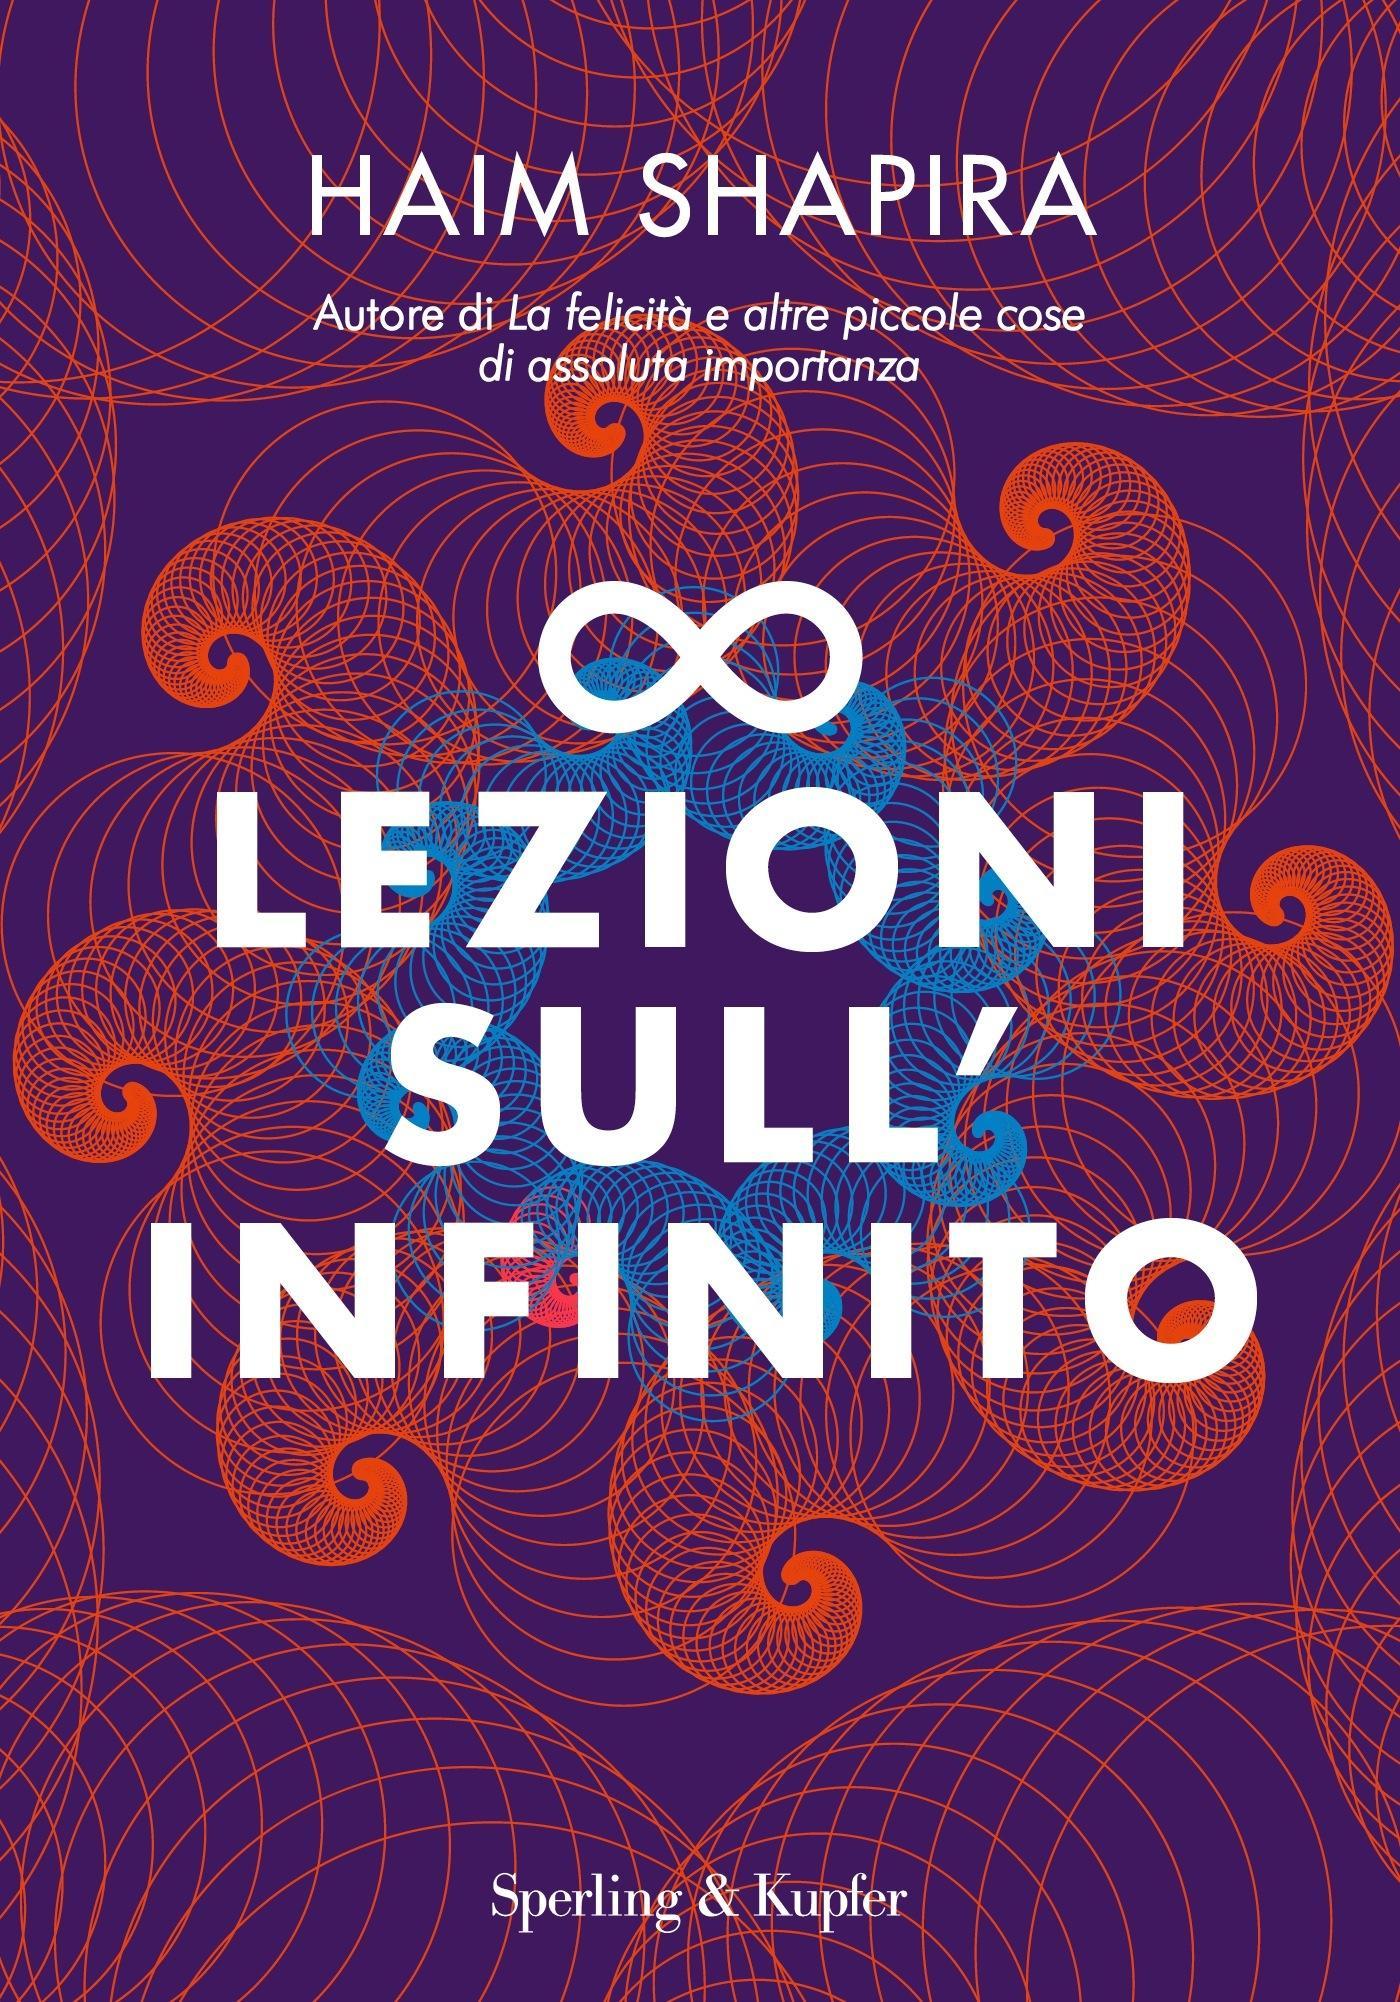 Otto lezioni sull'infinito